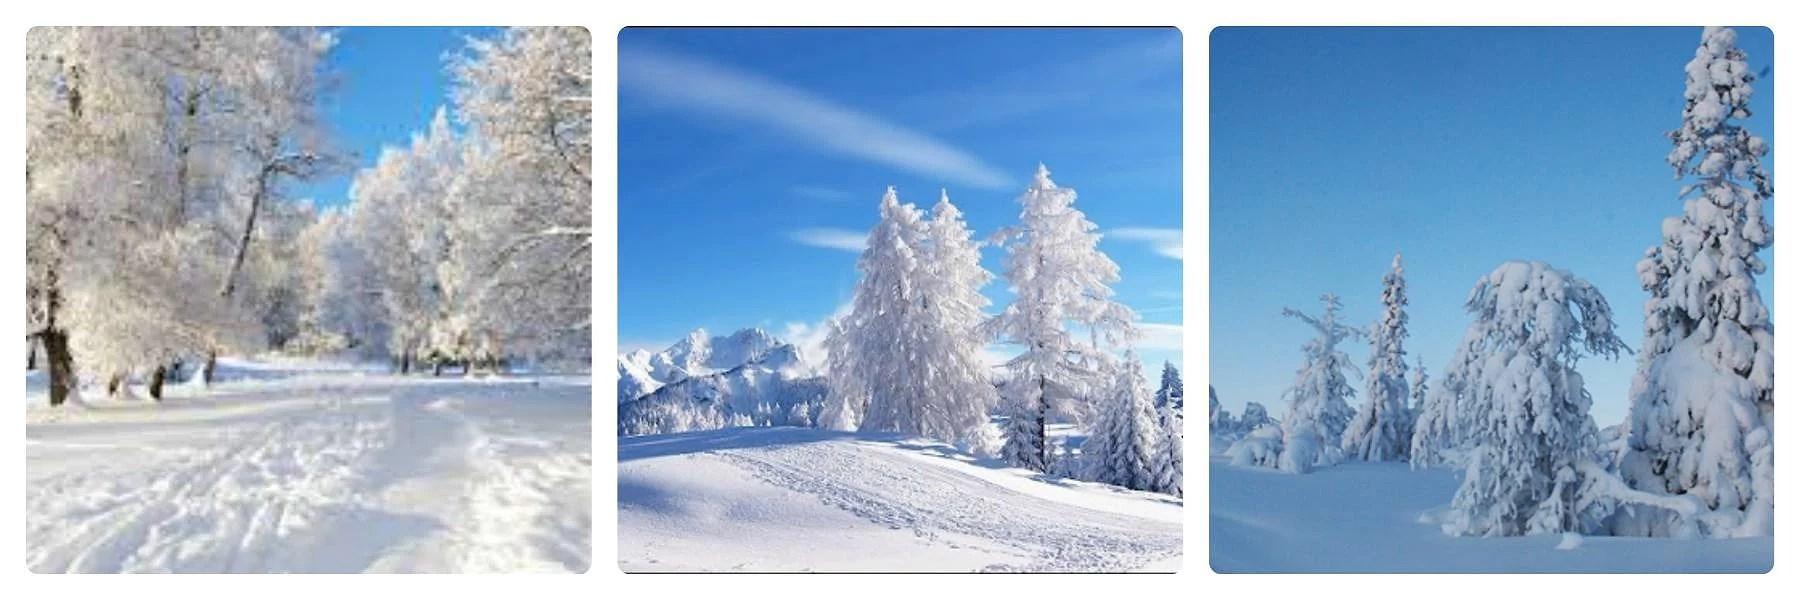 Vinter Inspo